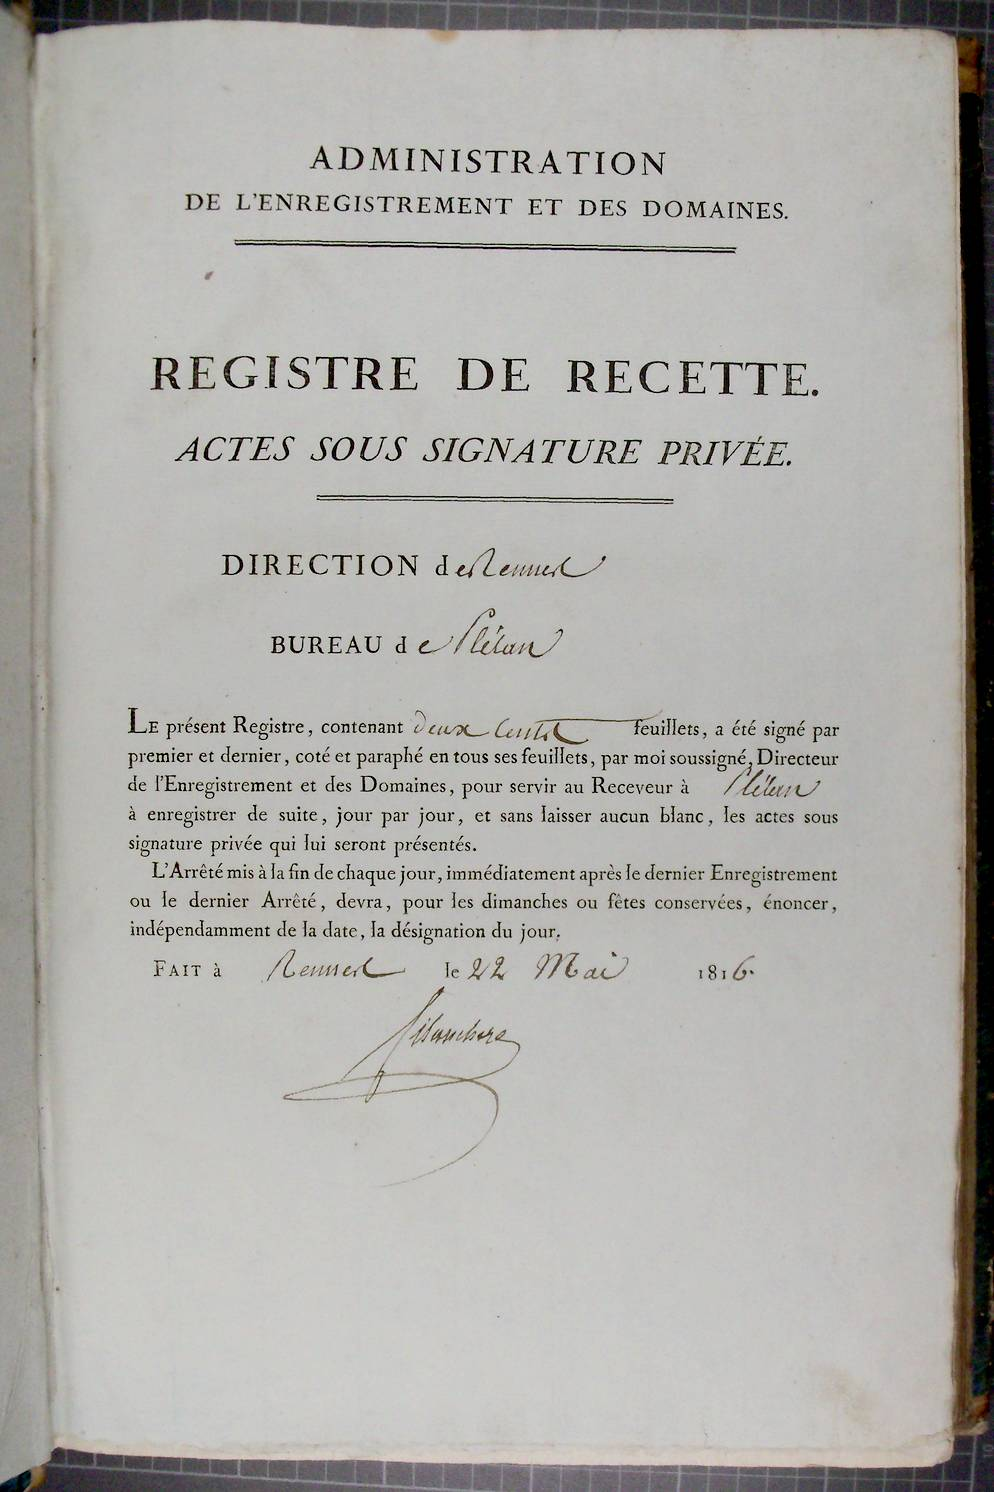 Acte Sous Signature Privee En France Wikipedia